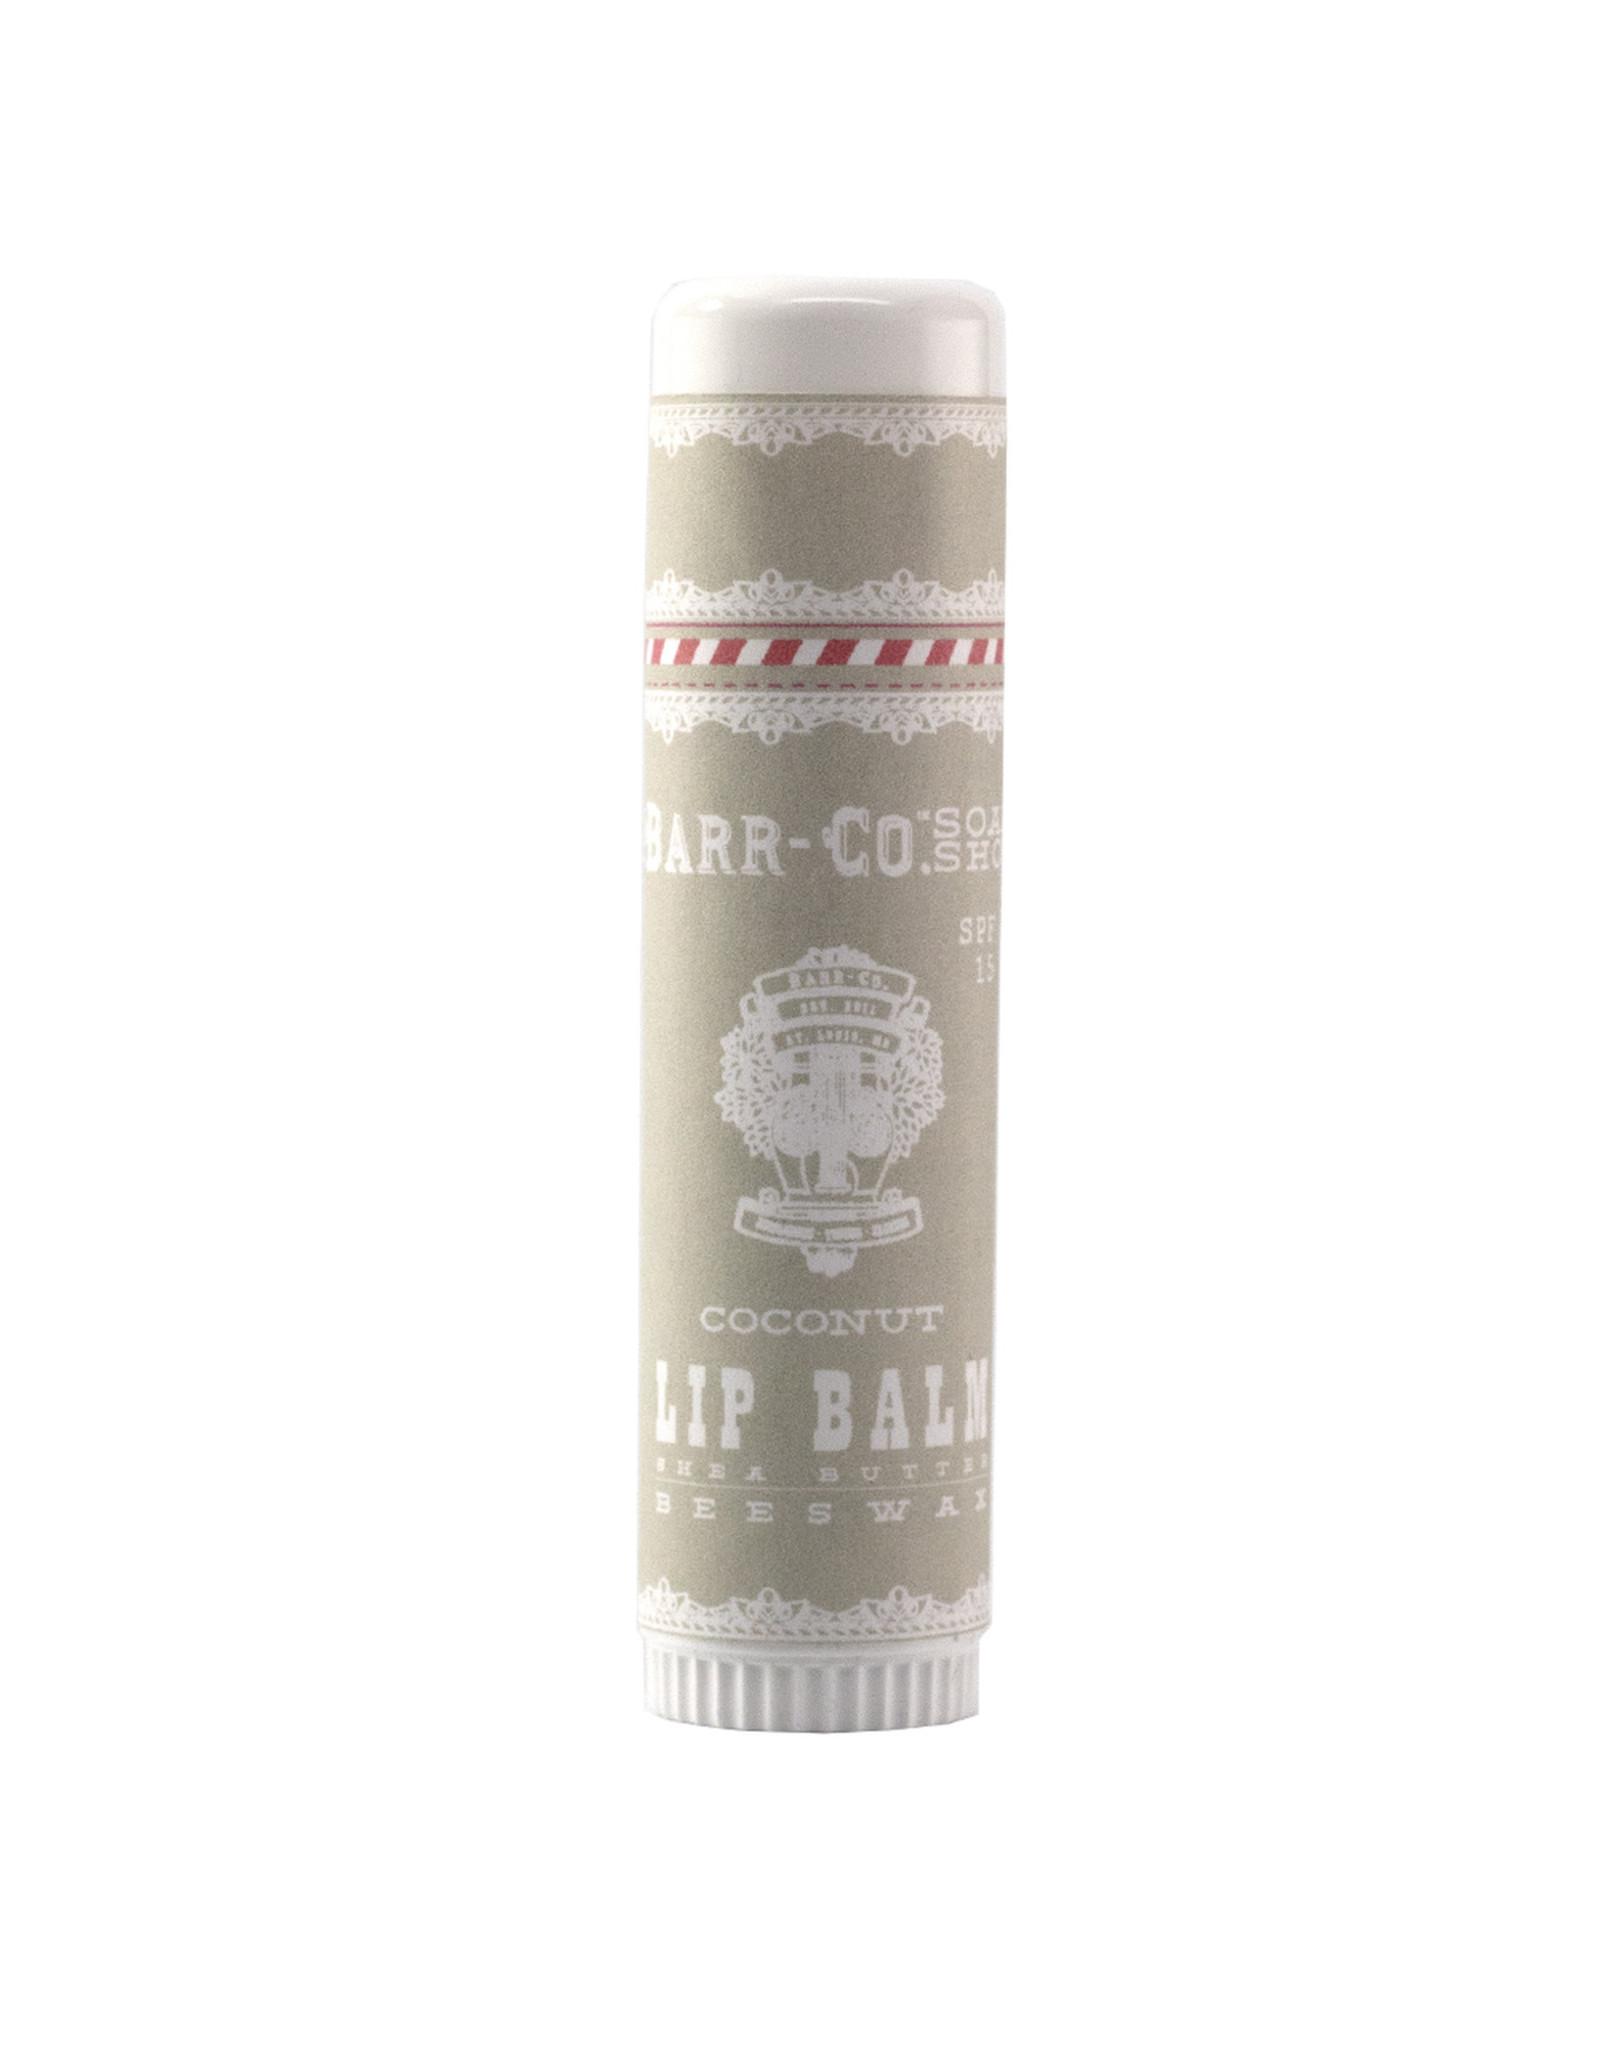 Lip Balm - Coconut